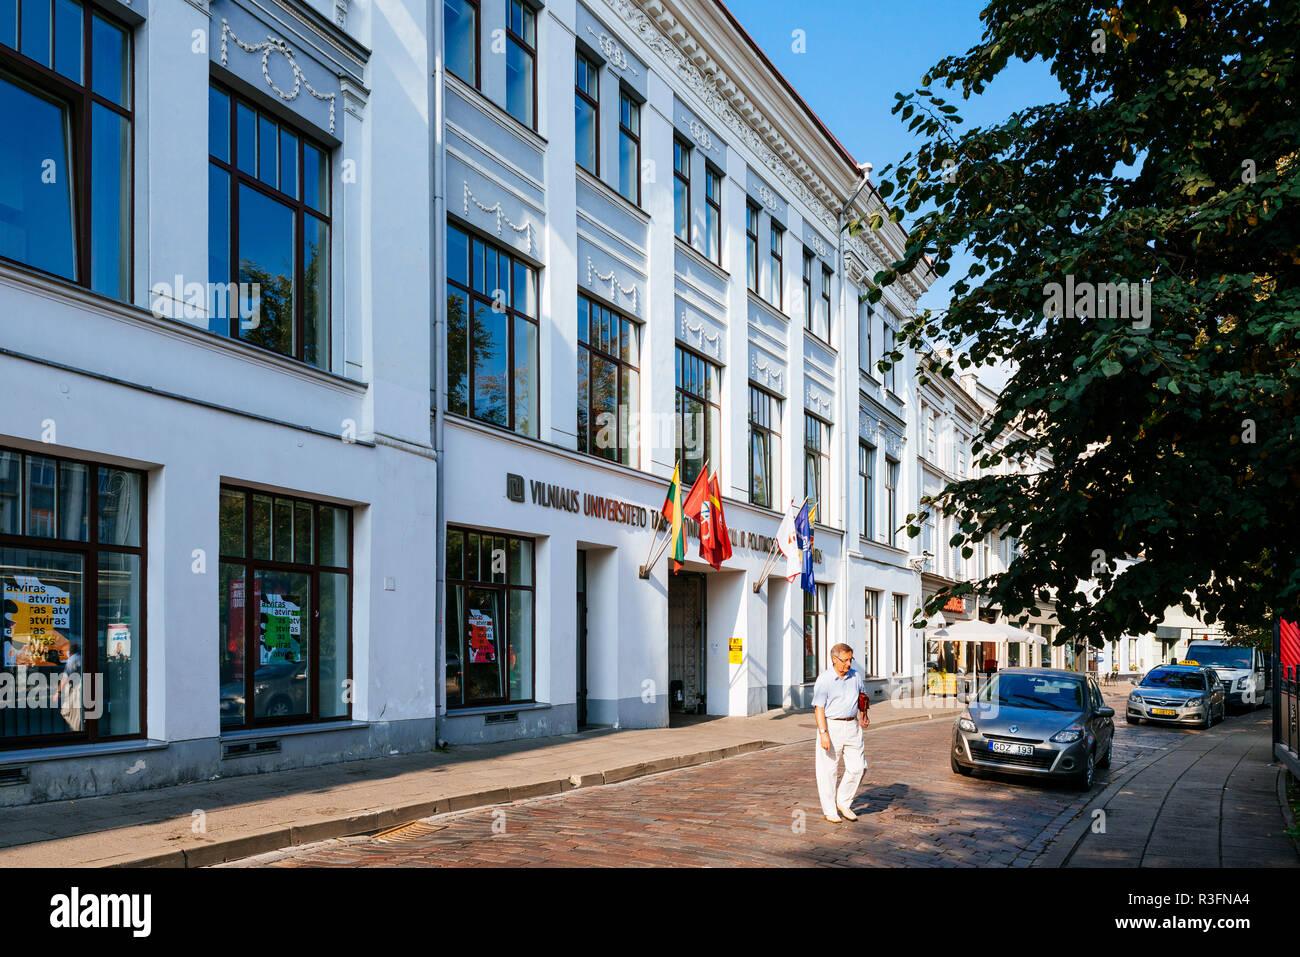 Facciata, Istituto di Relazioni Internazionali e scienze politiche. Università di Vilnius. Vilnius, Contea di Vilnius, Lituania, paesi baltici, Europa. Immagini Stock